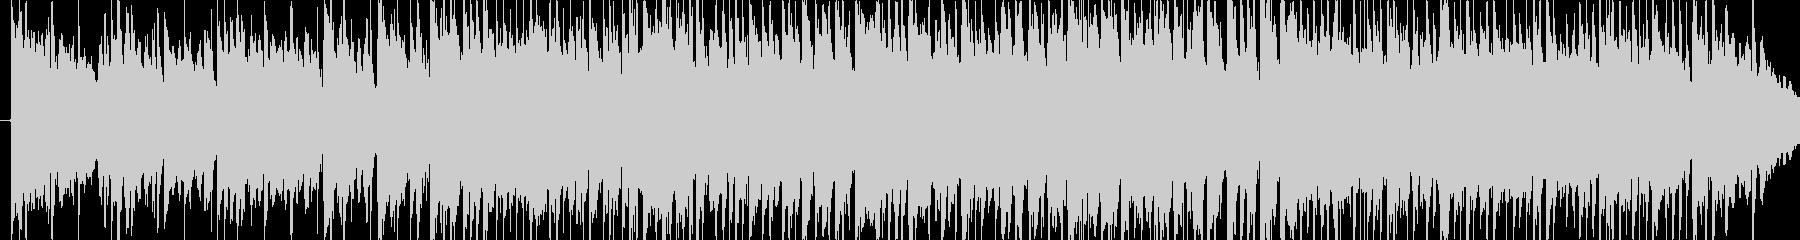 フルートの音色を基調にした優しい感じの…の未再生の波形